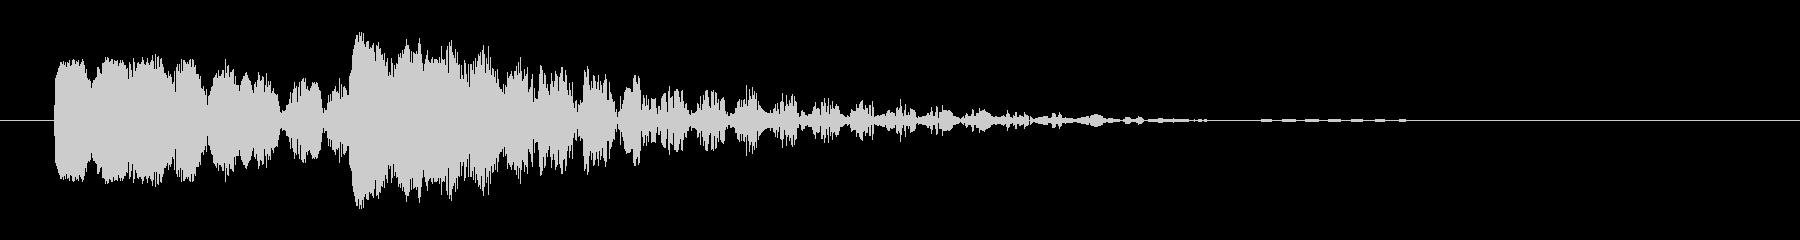 ビュビュン 射撃音2 (ゲームっぽい音)の未再生の波形